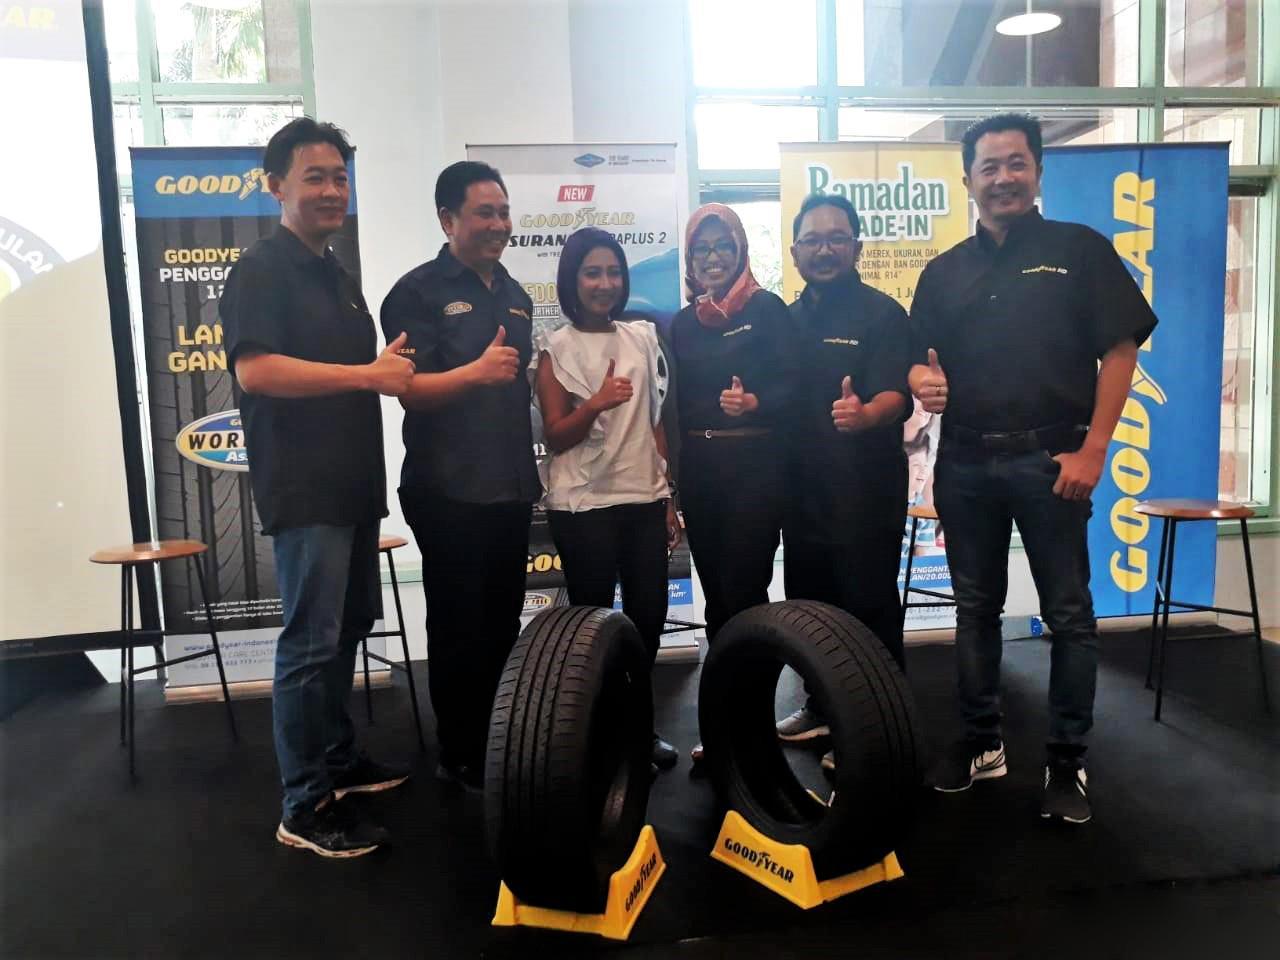 Goodyear представила в Индонезии новые пассажирские шины Assurance DuraPlus 2